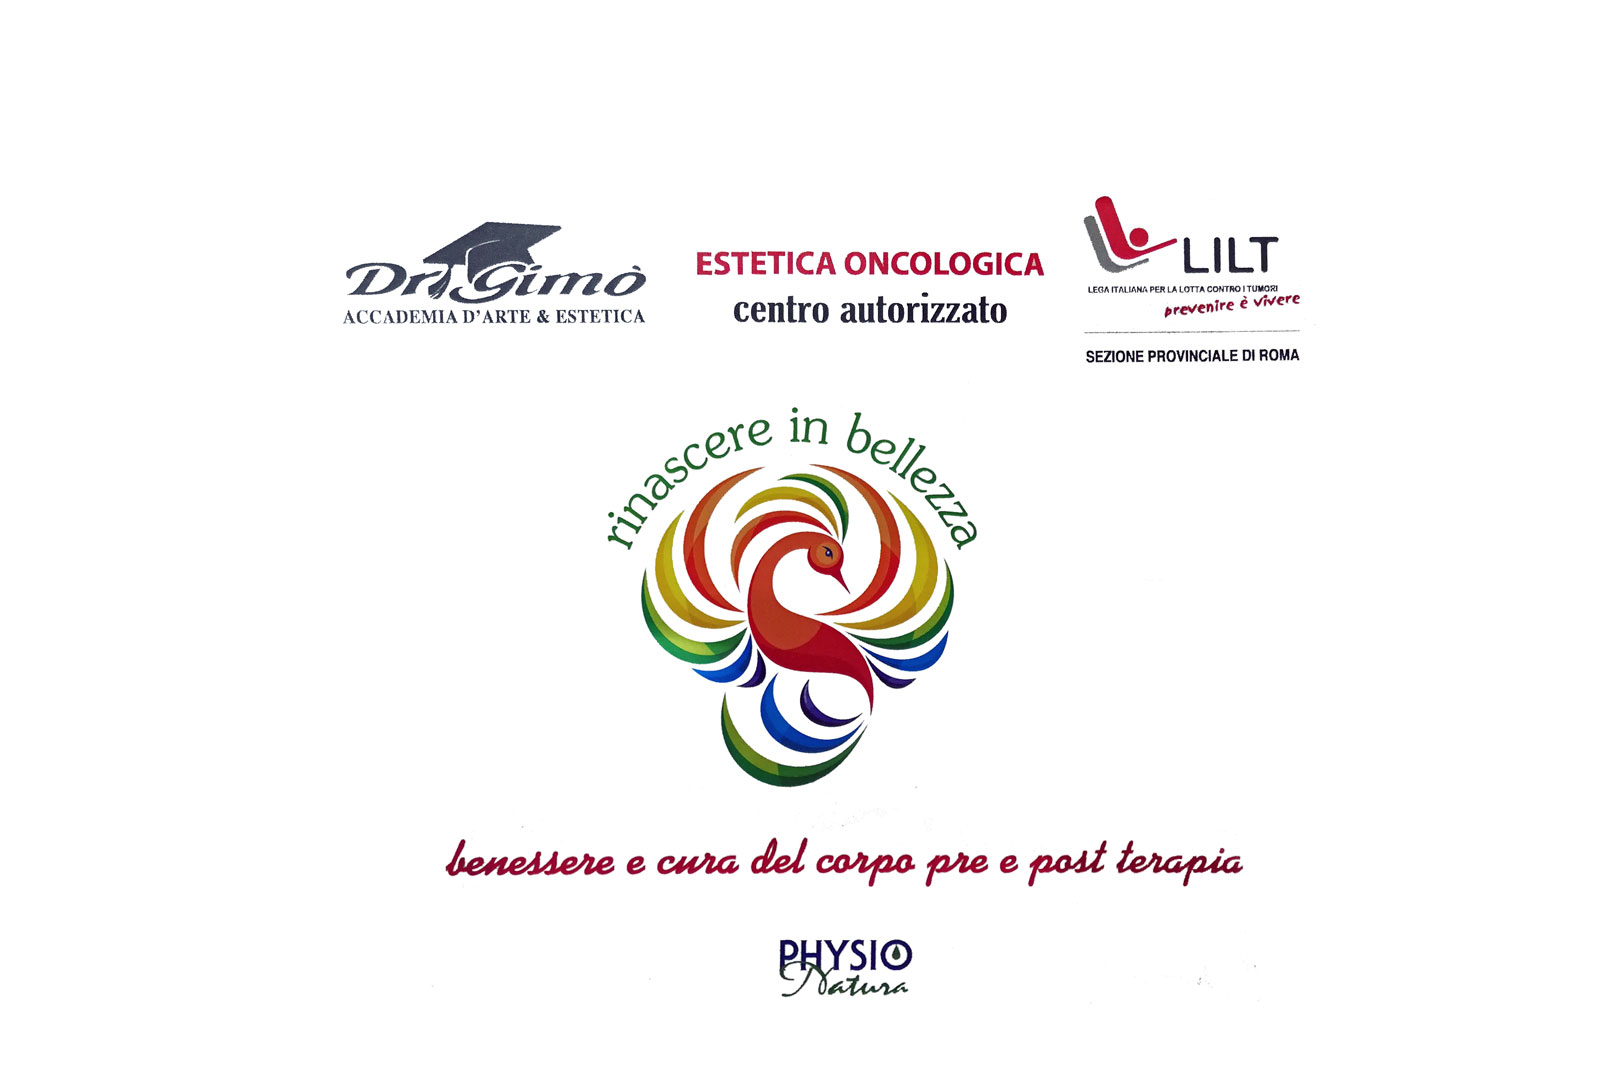 Estetica oncologica a Terni